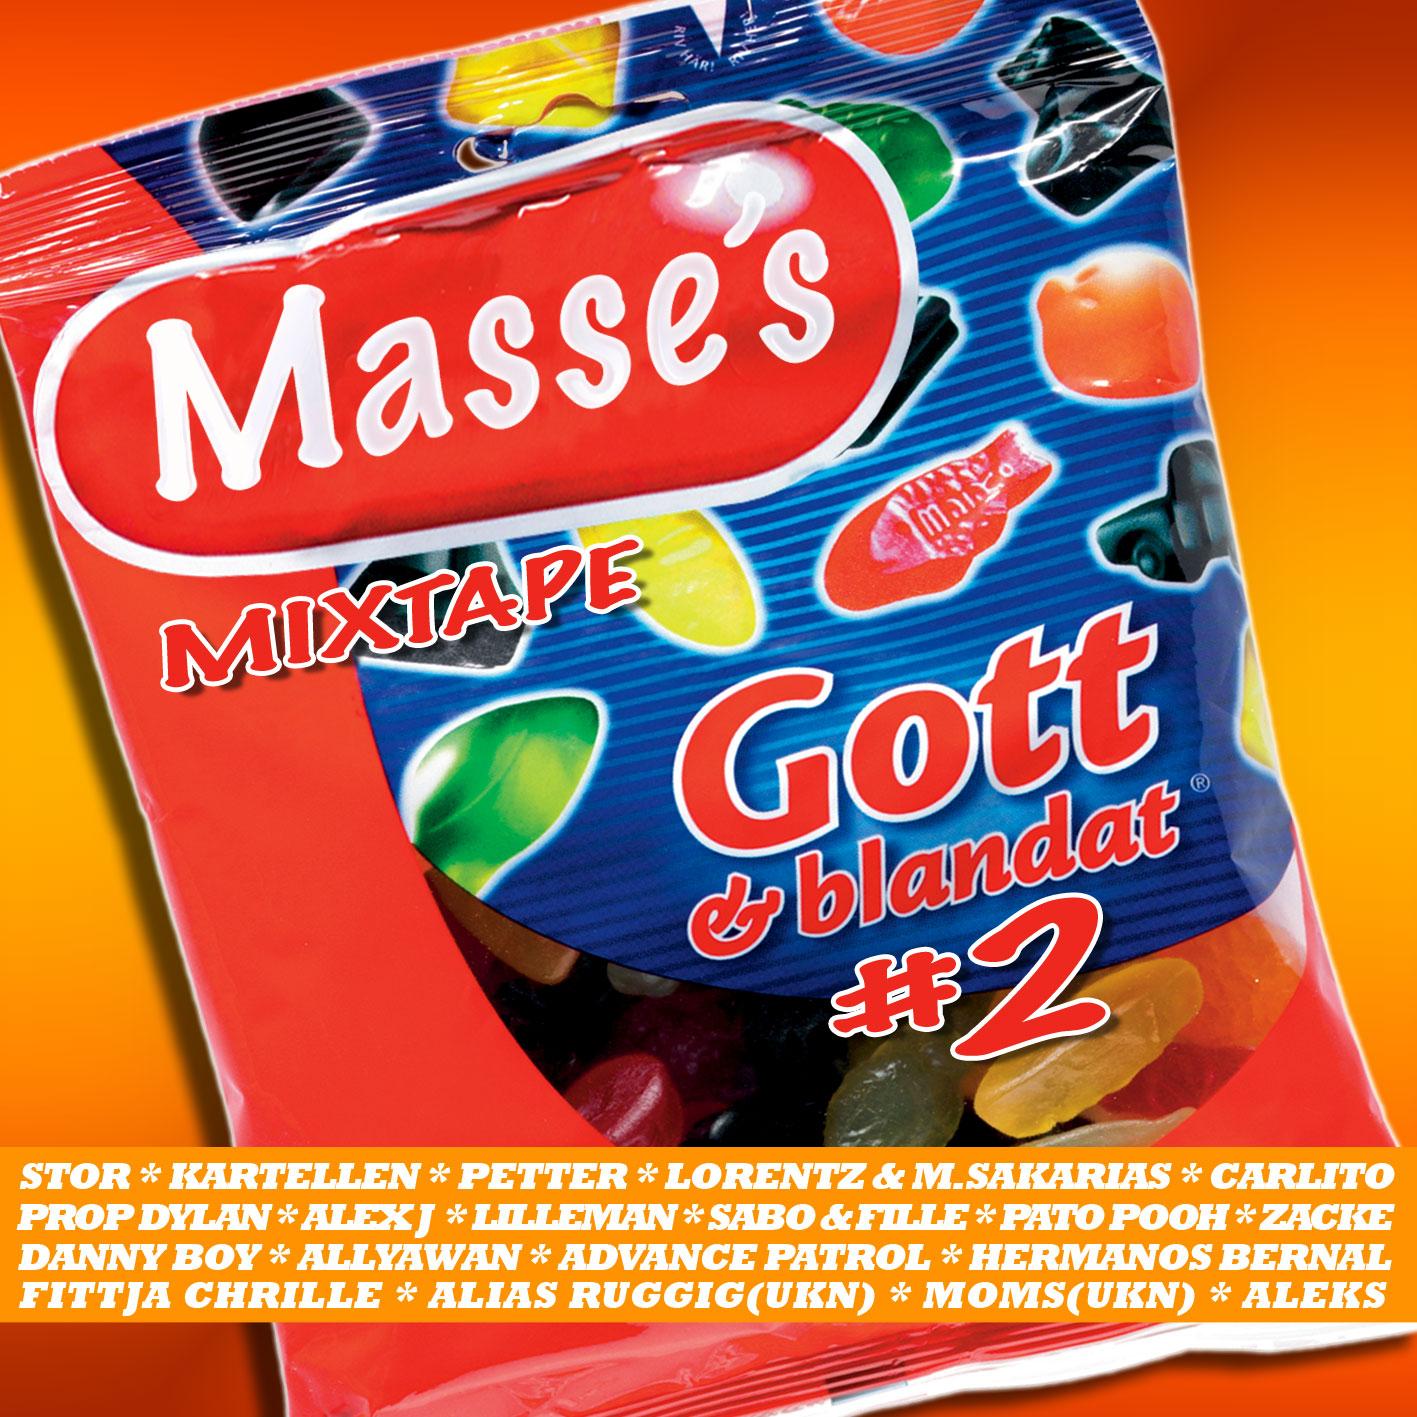 Masse - Gott & Blandat #2